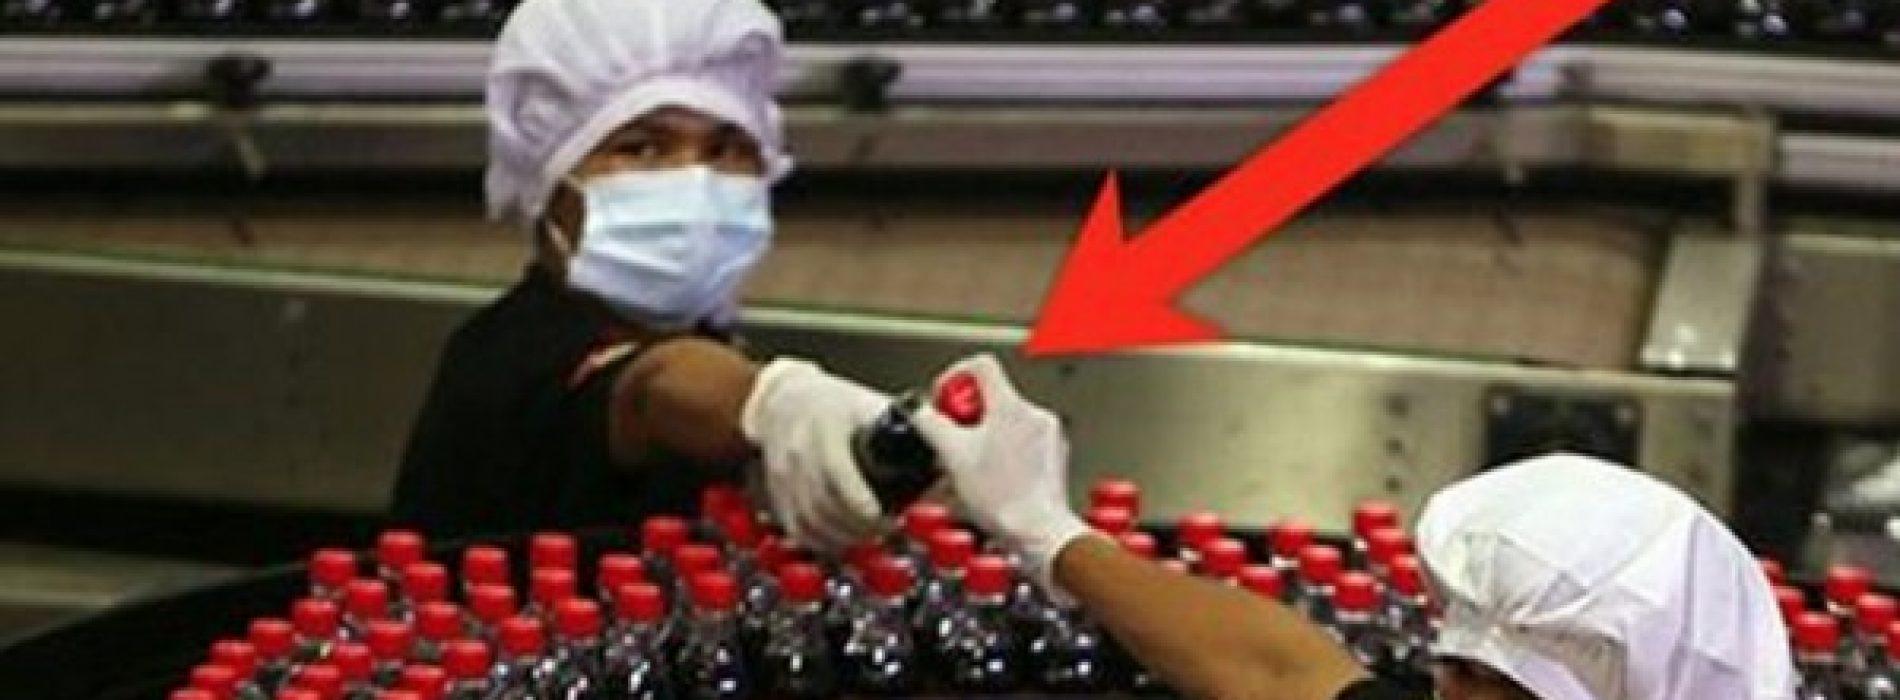 Zodra u deze video heeft gezien, zult u waarschijnlijk nooit geen frisdrank meer willen drinken.